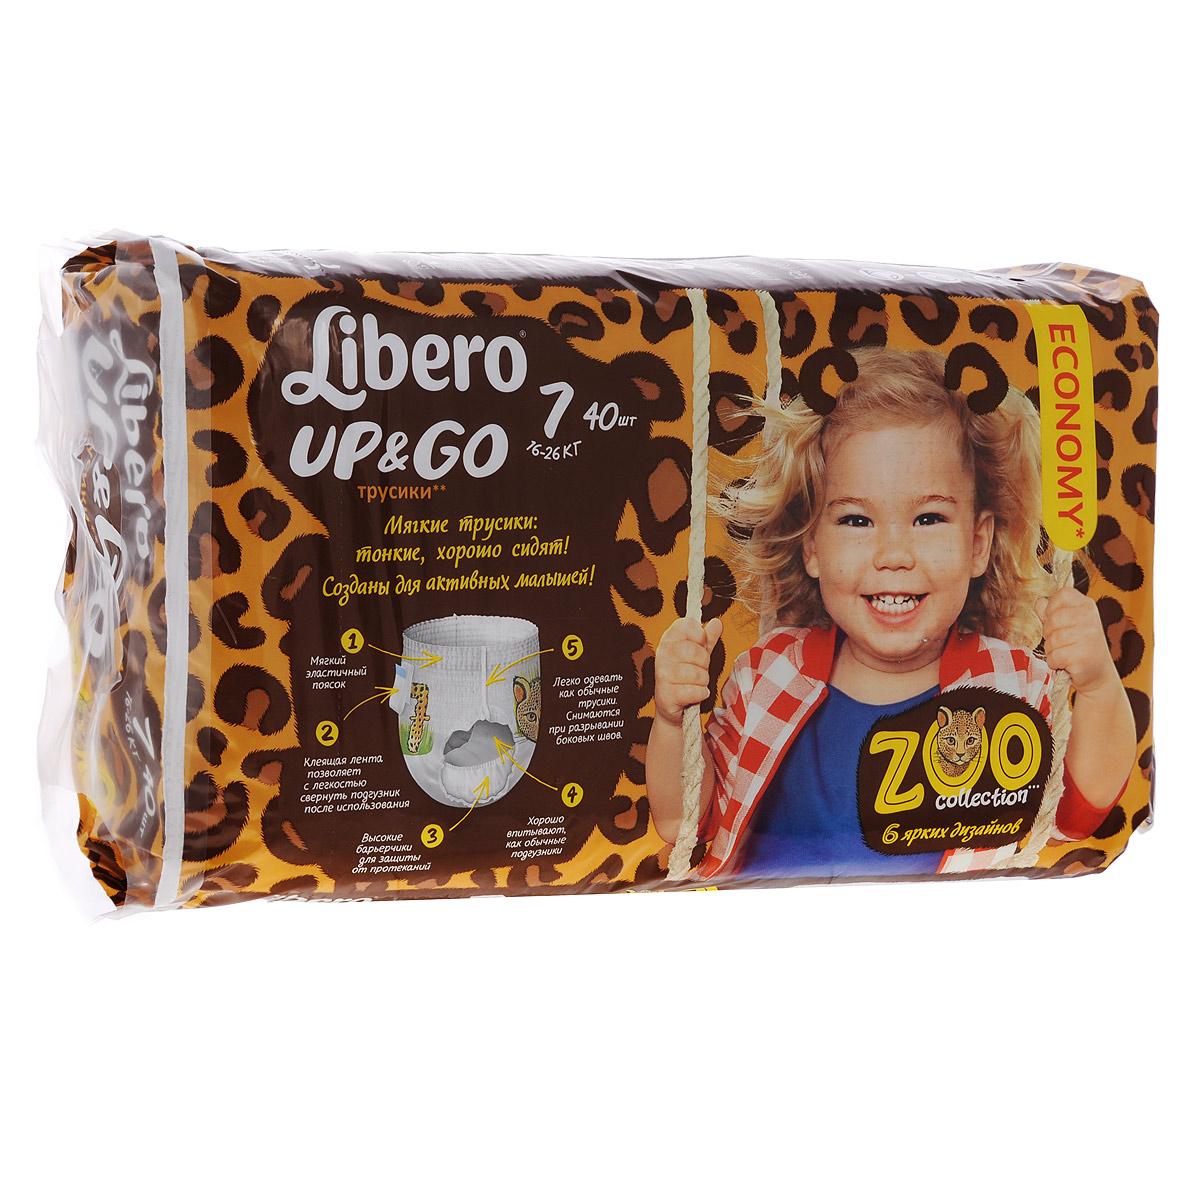 Libero Подгузники-трусики Up&Go Zoo-Collection (16-26 кг) 40 шт5514Подгузники-трусики Libero Up&Go, выполненные из тонкого супермягкого материала, сидят как настоящие детские трусики и заботятся о сухости и комфорте вашего малыша. В комплекте 40 подгузников-трусиков, рассчитанных на ребенка весом от 16 до 26 килограмм. Подгузники-трусики надеваются и снимаются очень легко, что особенно важно для детишек, которые сами пытаются одеваться. Чтобы снять подгузники-трусики с малыша, всего лишь необходимо разорвать боковые швы, когда подгузник наполнен. Клеящая лента позволяет с легкостью свернуть подгузник после использования. Хорошо впитывают и имеют высокие барьерчики для защиты от протекания. Мягкий эластичный поясок выполнен из дышащего материала. Смена подгузника не будет скучной, ведь в упаковке Libero Up&Go шесть ярких дизайнов с изображениями животных!